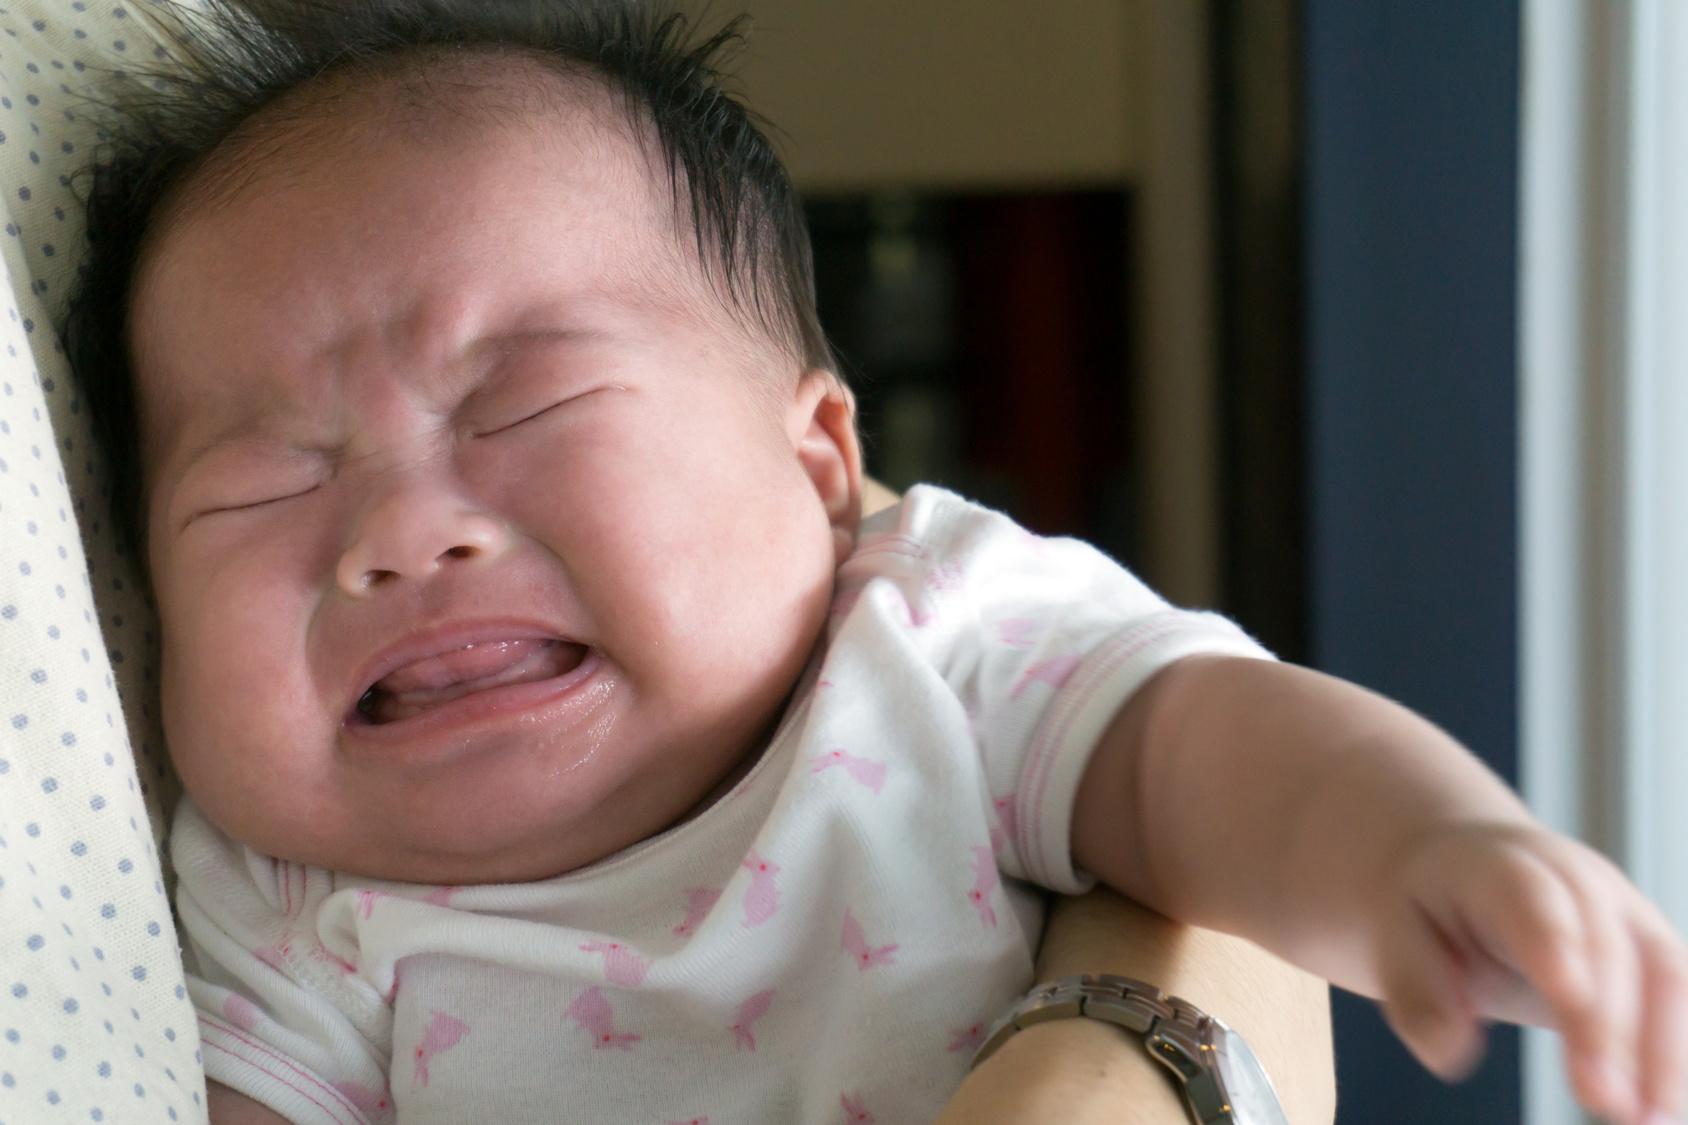 Nouveau-né qui pleure